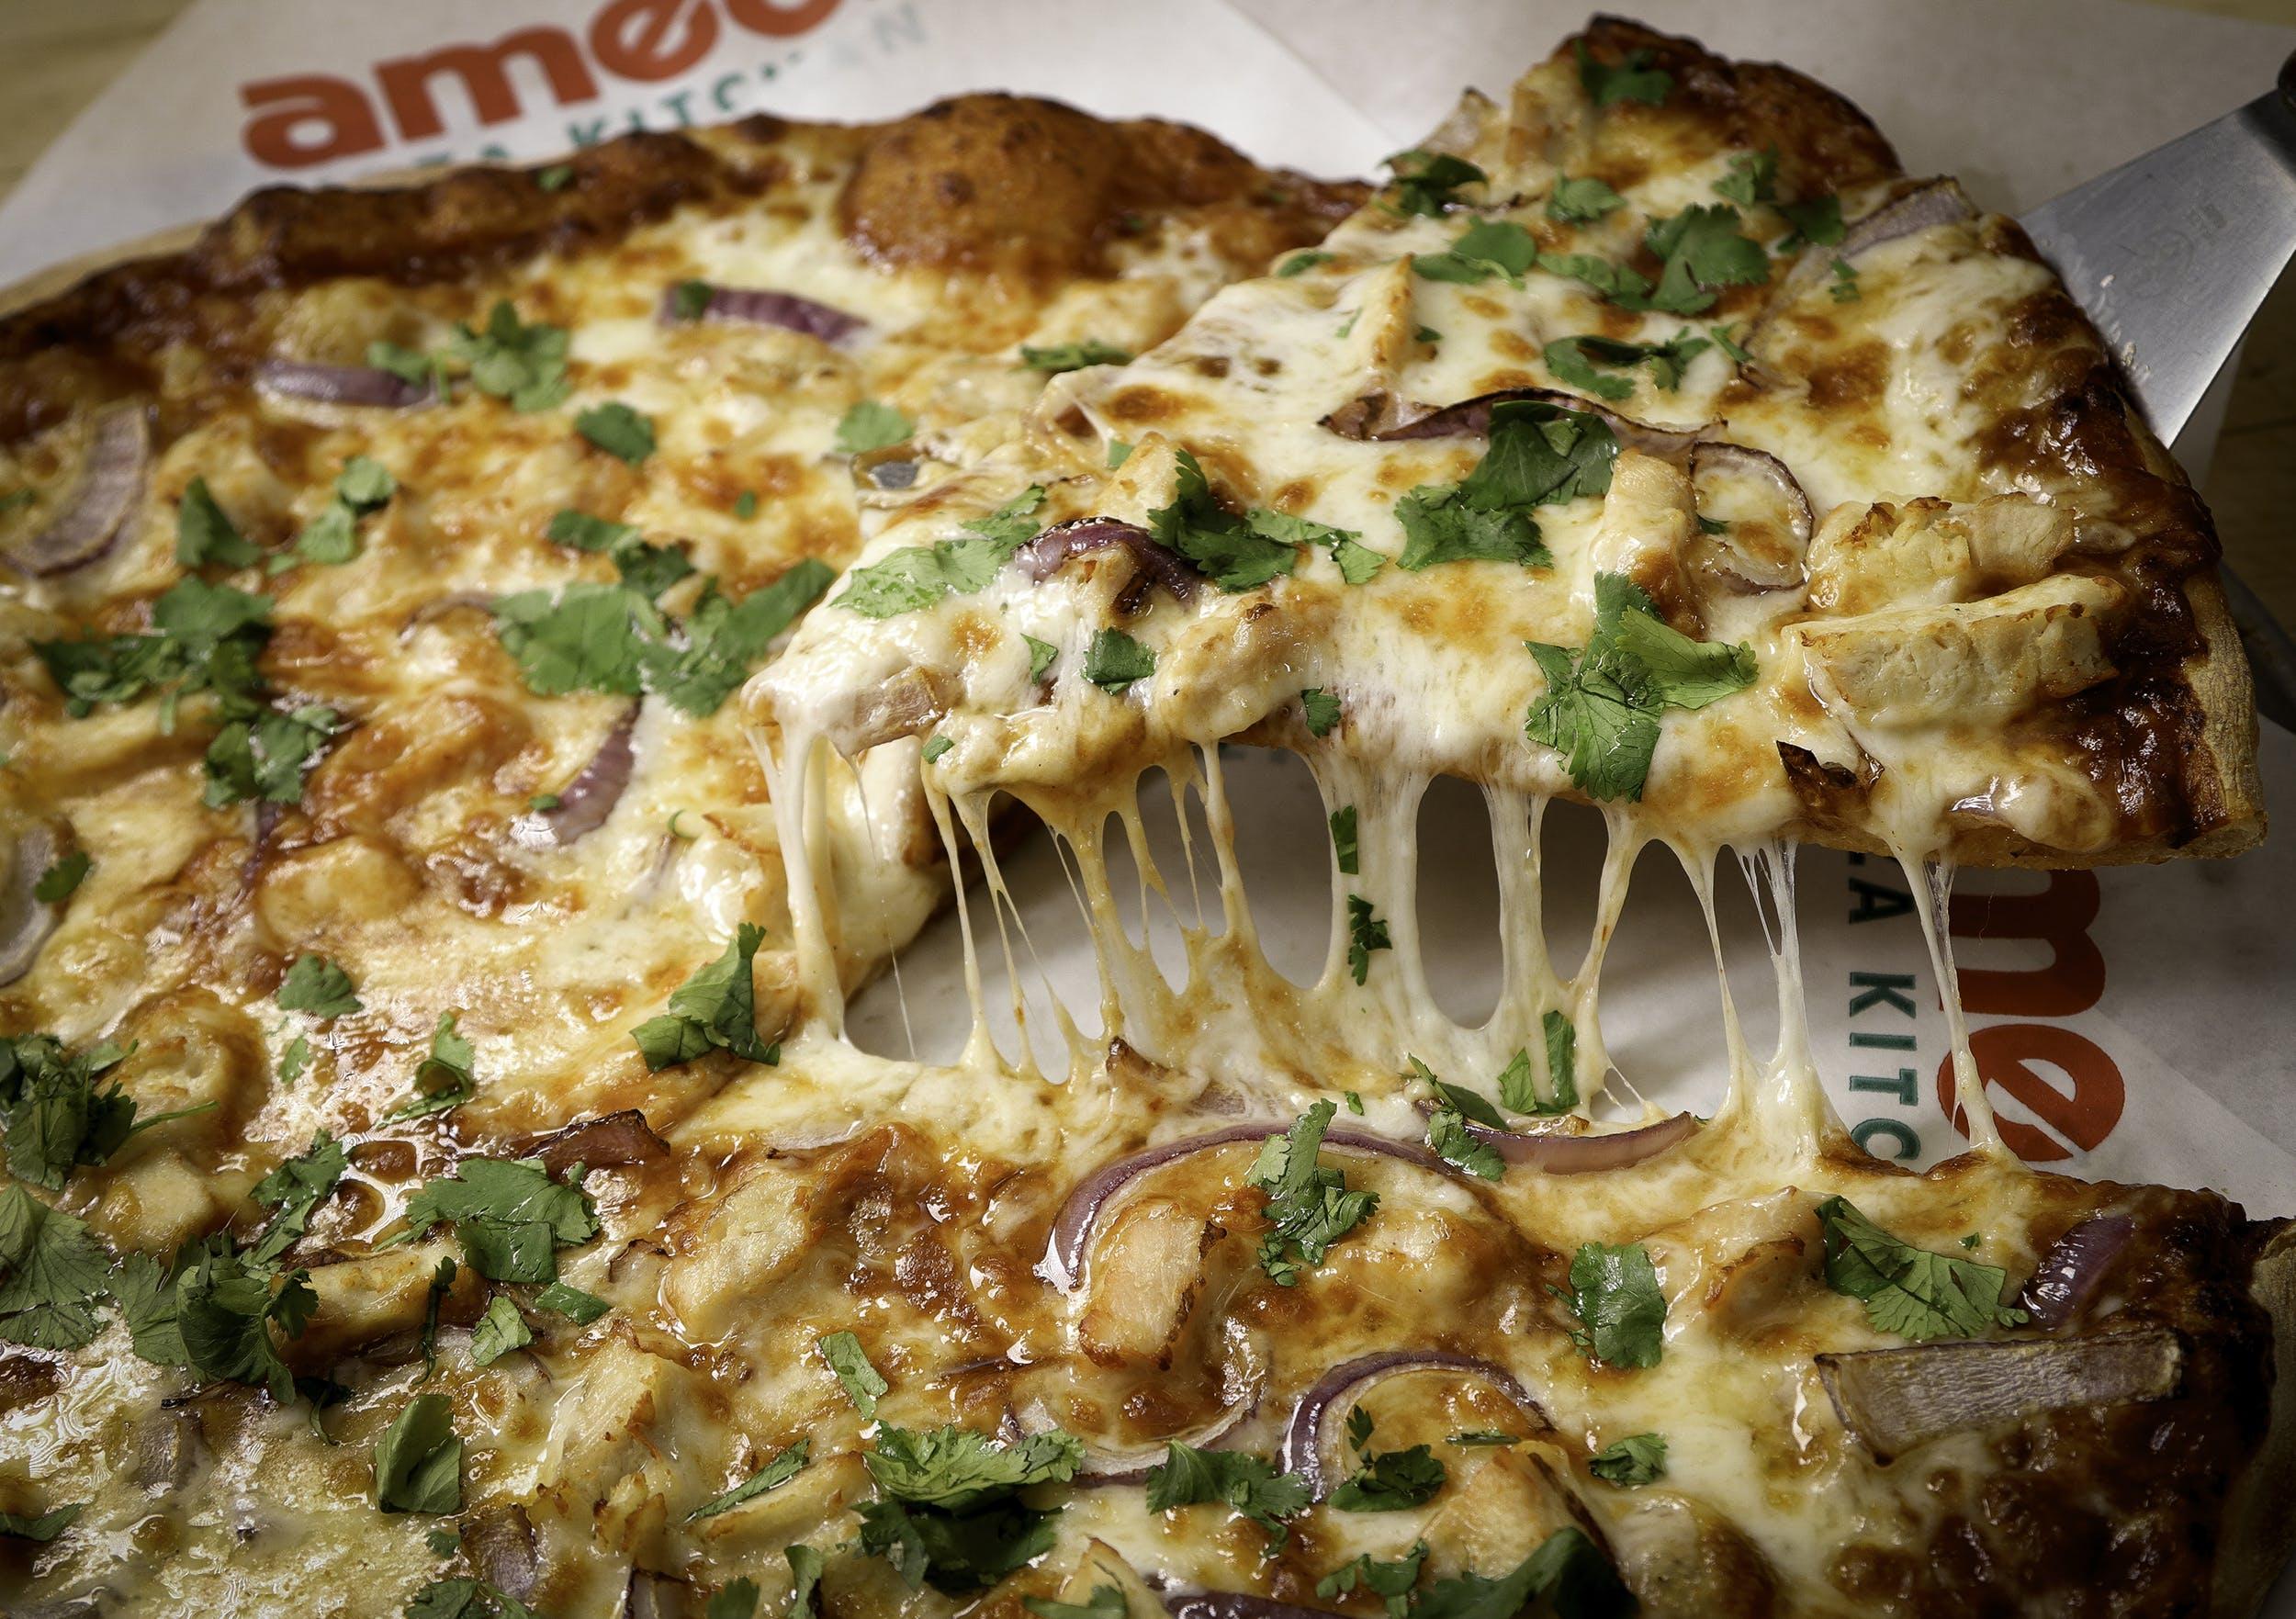 BBQ Chicken Pizza from Ameci Pizza & Pasta - Irvine in Irvine, CA